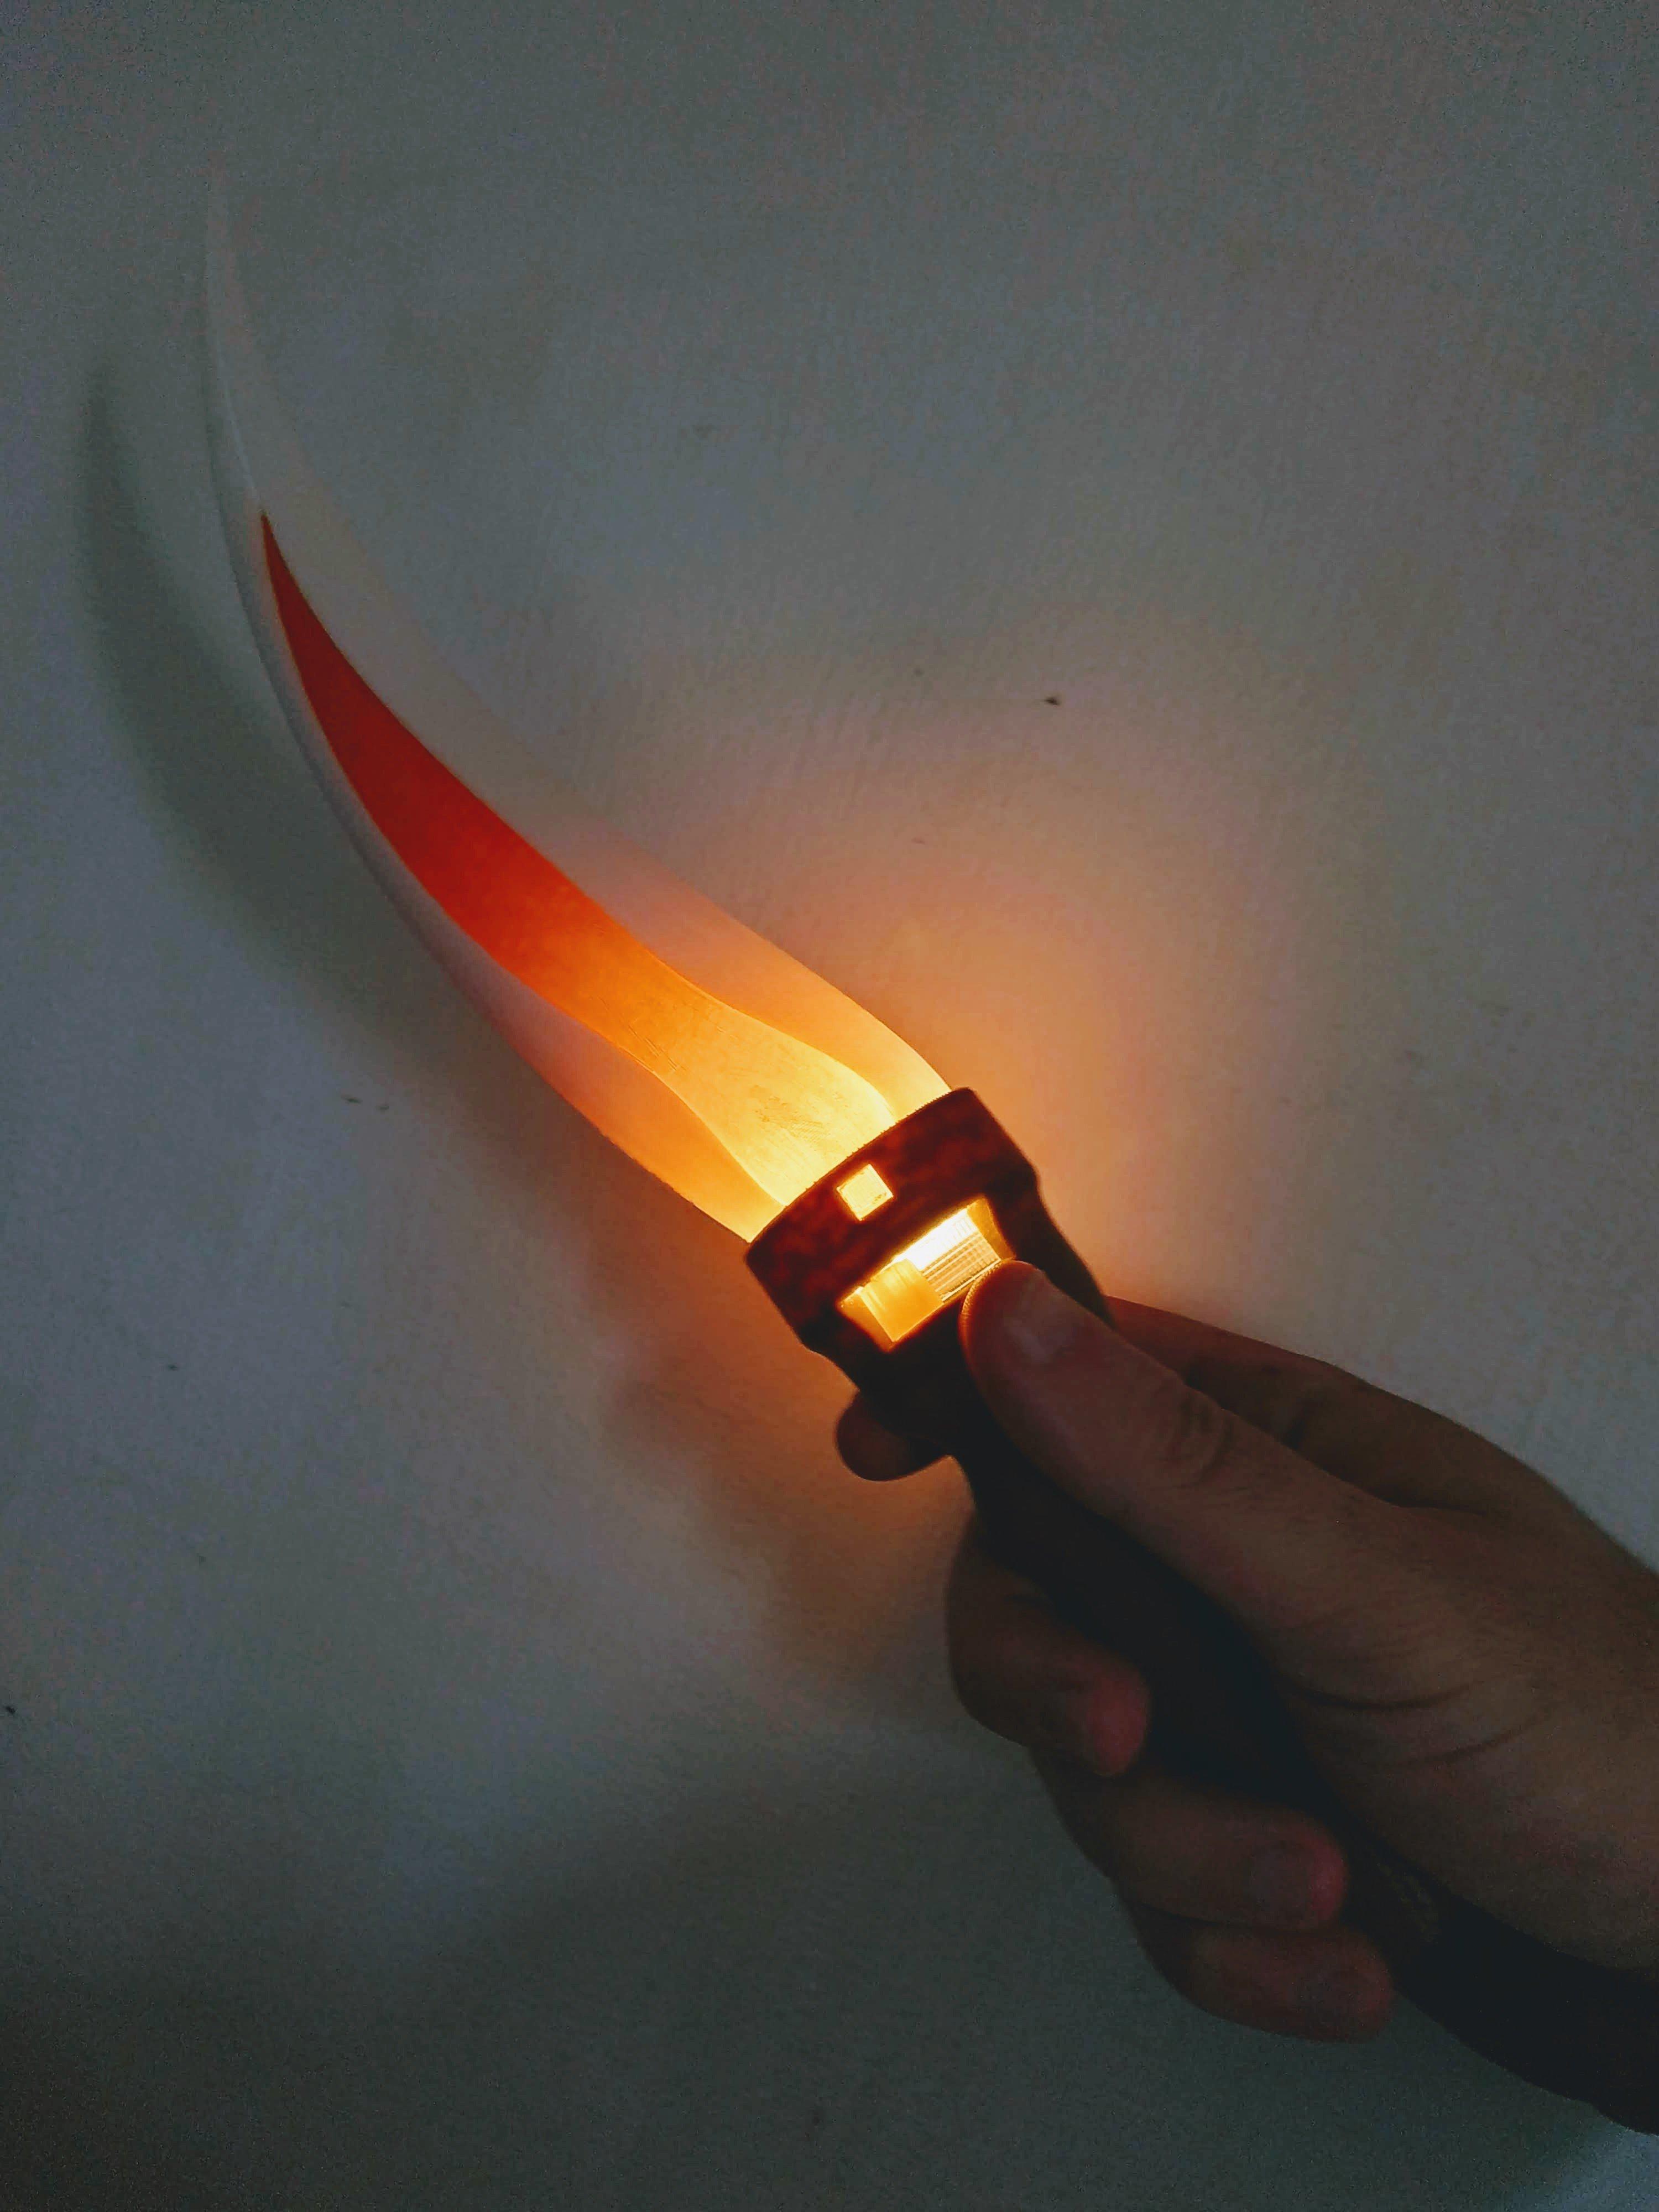 Dream knife